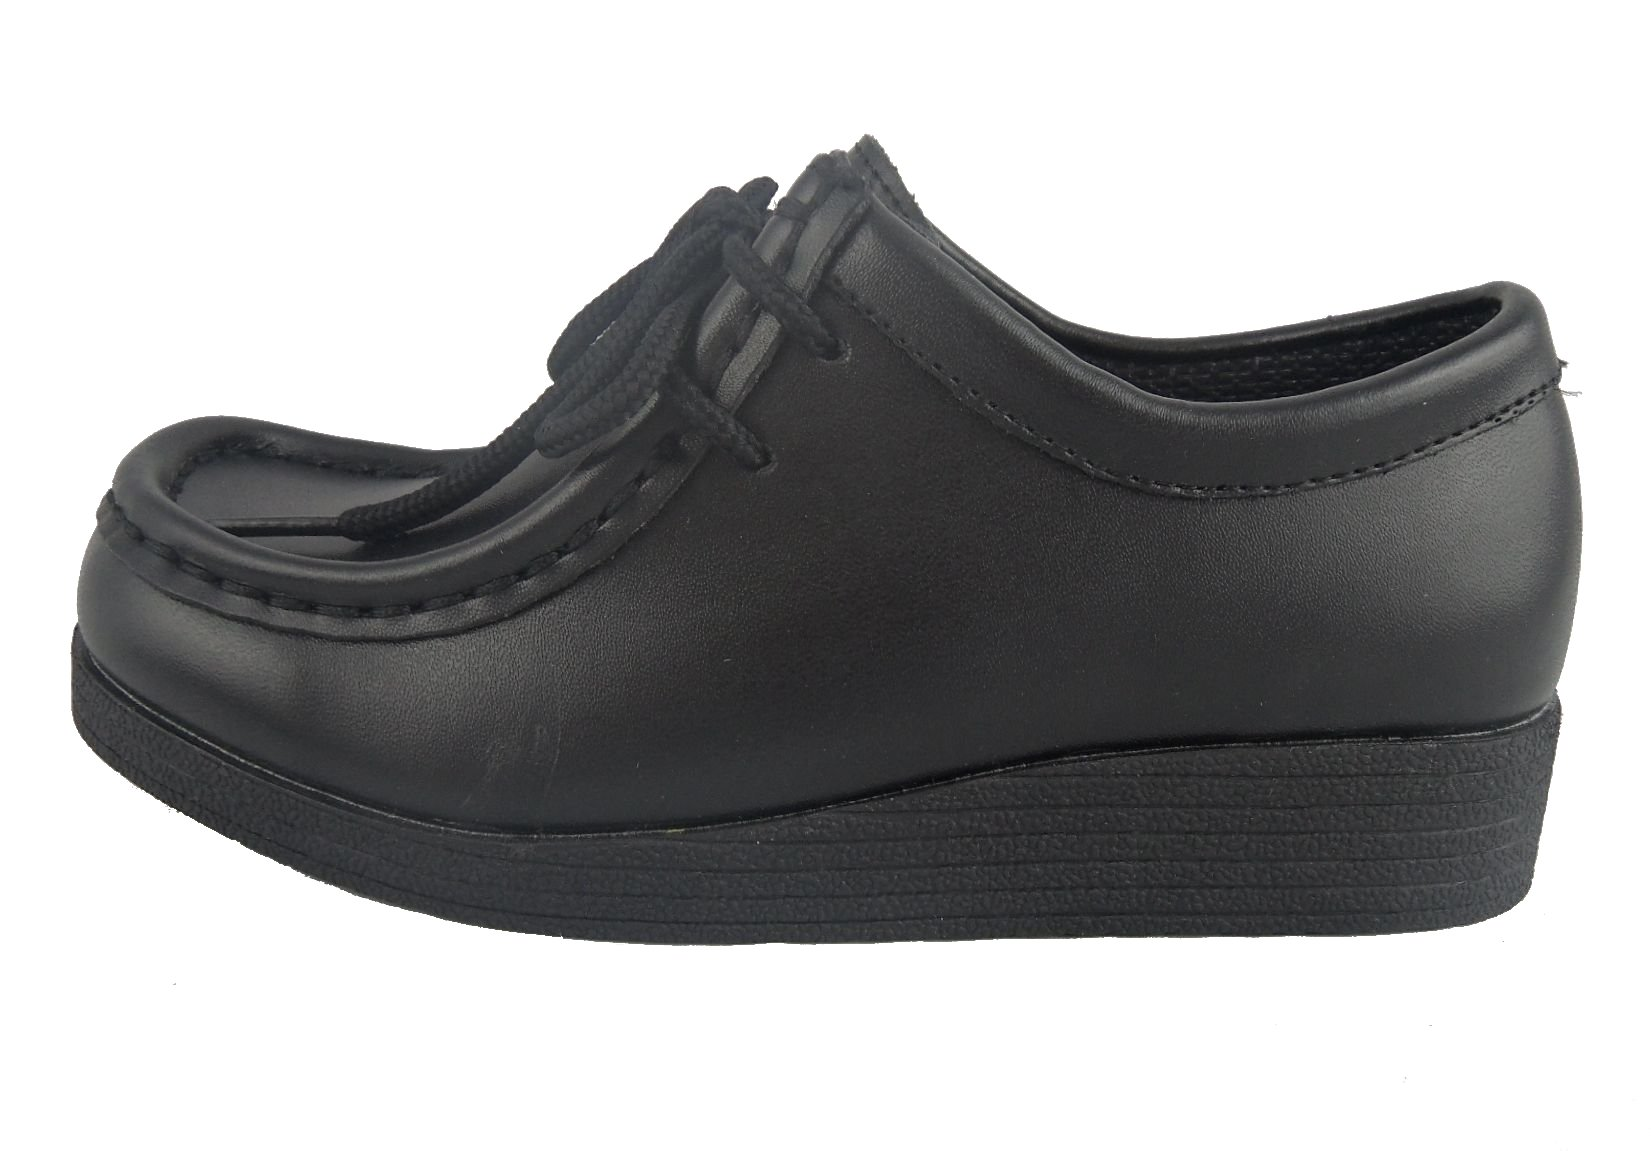 Rockstorm School Shoes